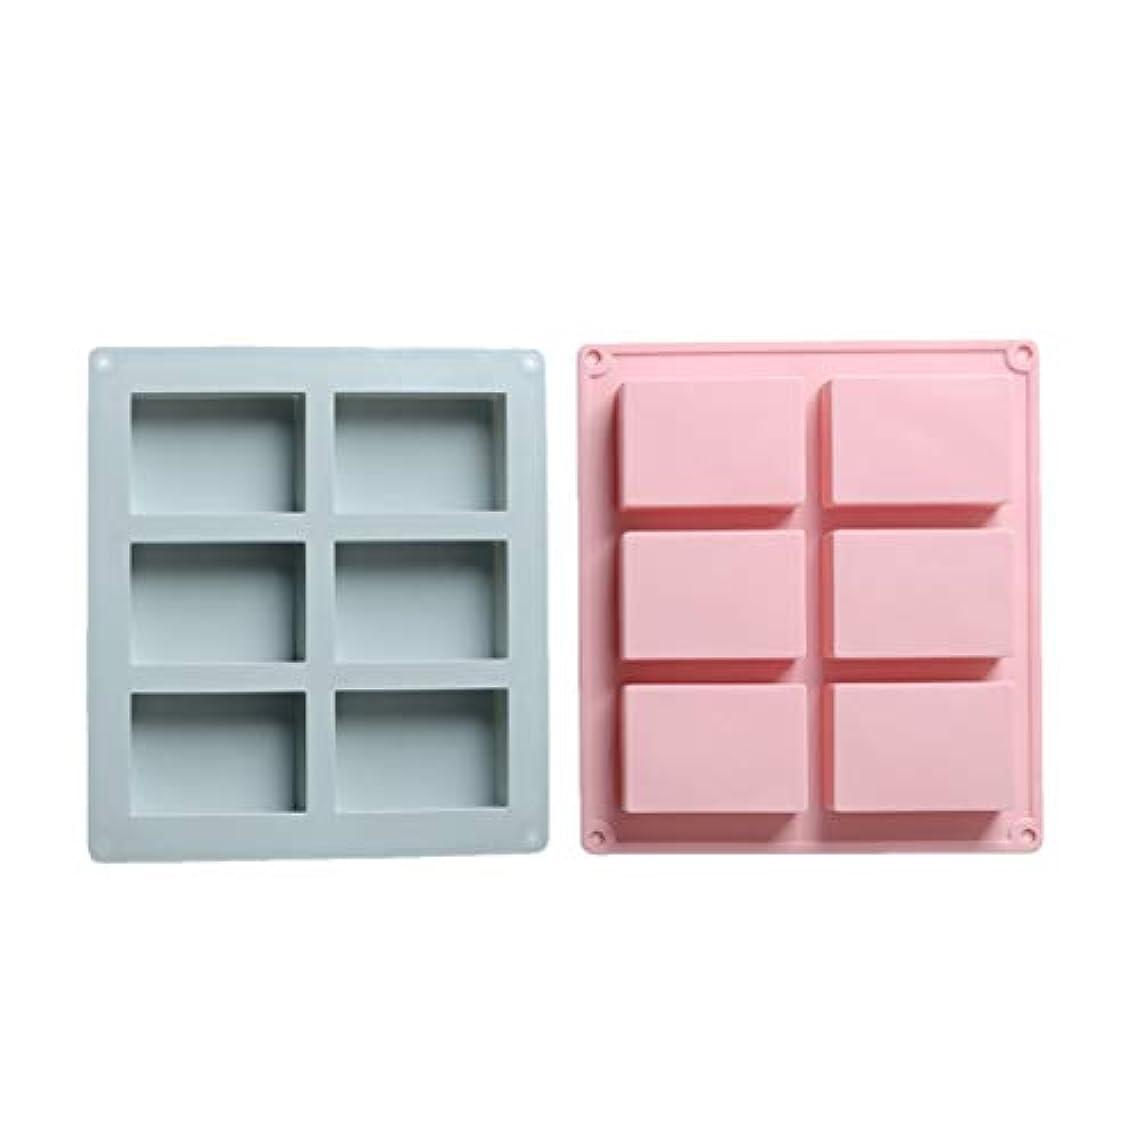 信じられない気性運賃SUPVOX シリコン長方形モールドソープチョコレートキャンドルとゼリーブラウン2個(青とピンク)を作るための6つのキャビティ